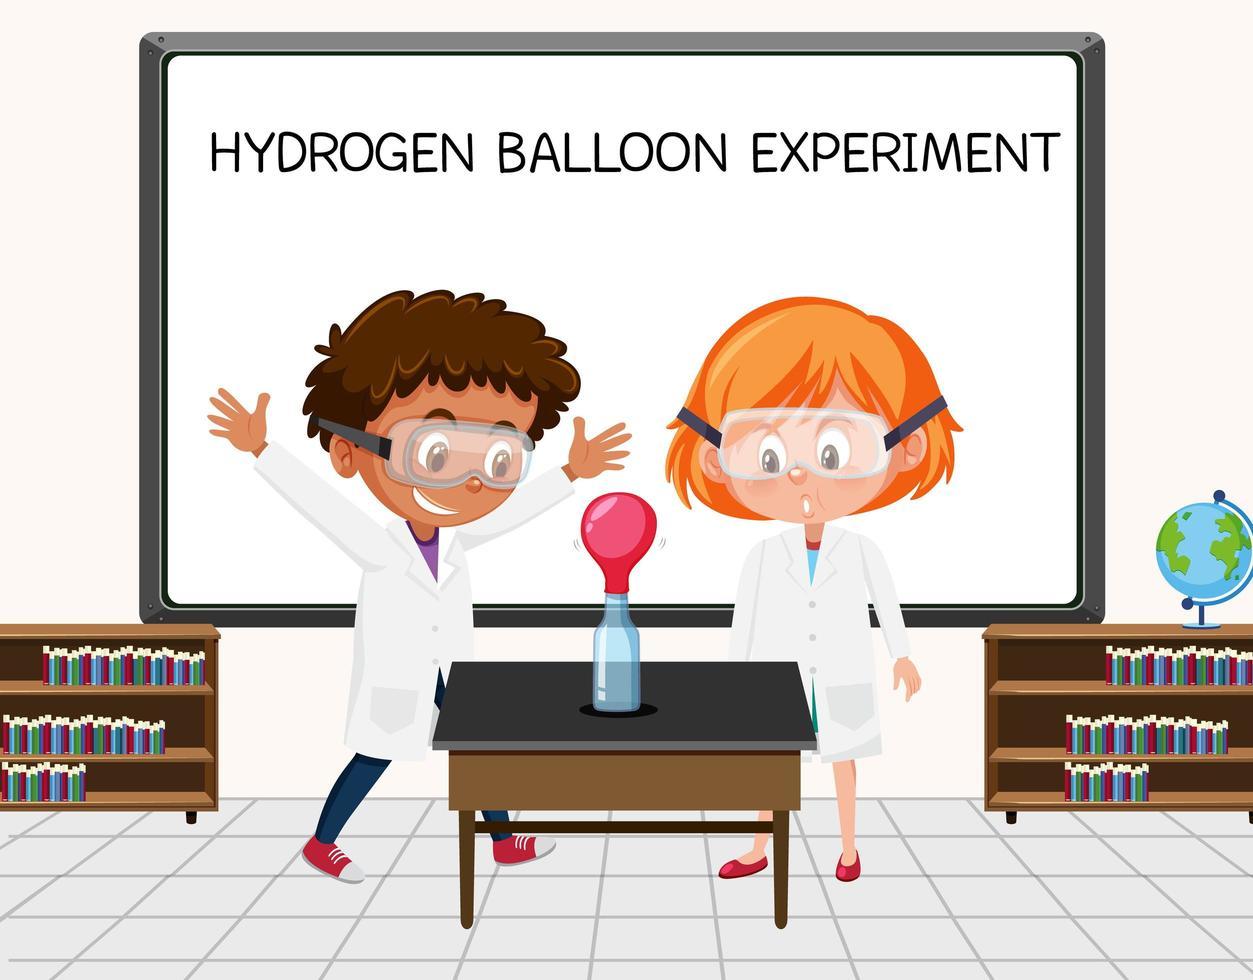 junger Wissenschaftler, der Wasserstoffballonexperiment vor einem Brett im Labor macht vektor